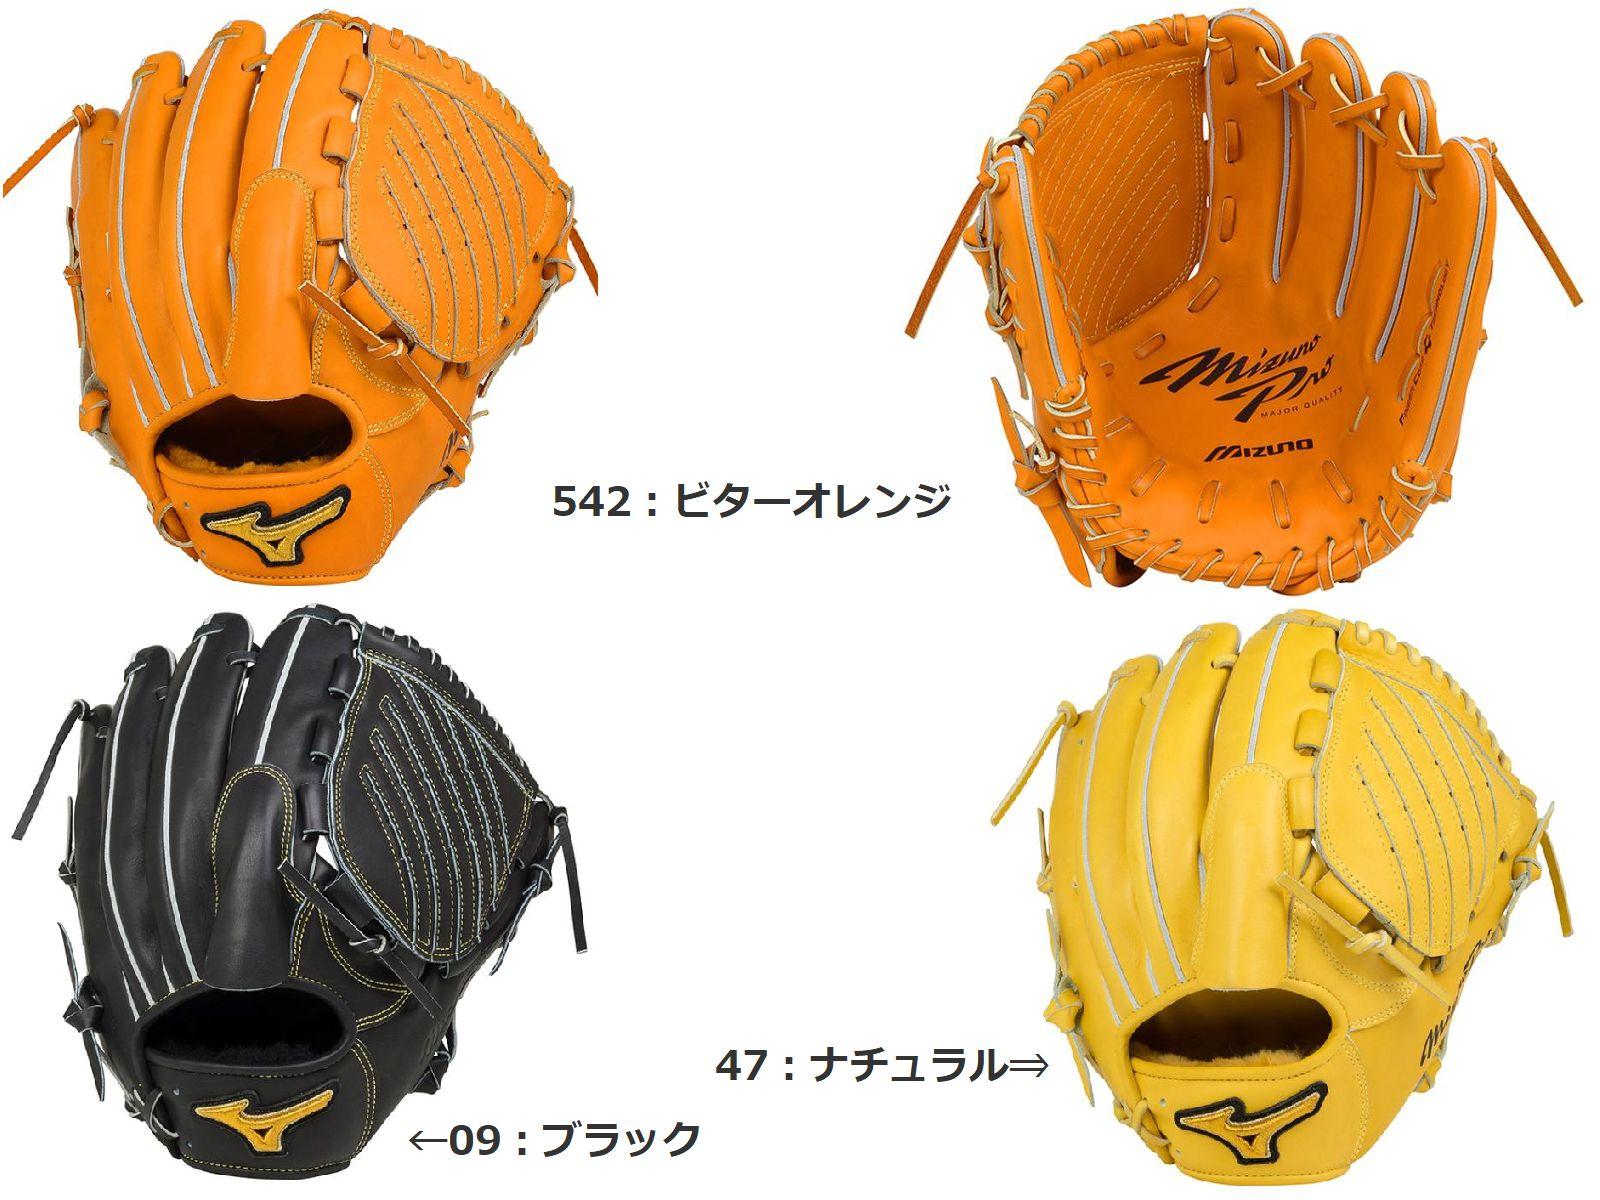 【Mizuno PRO=ミズノプロ】野球 一般 硬式用 グラブ グローブ<FINGER CORE TECHNOLOGY フィンガーコアテクノロジー【投手用2】【ジェネラルキップレザー】>[タテ型タイプ](サイズ:12)<ナチュラル/ビターオレンジ/ブラック>(右投用)